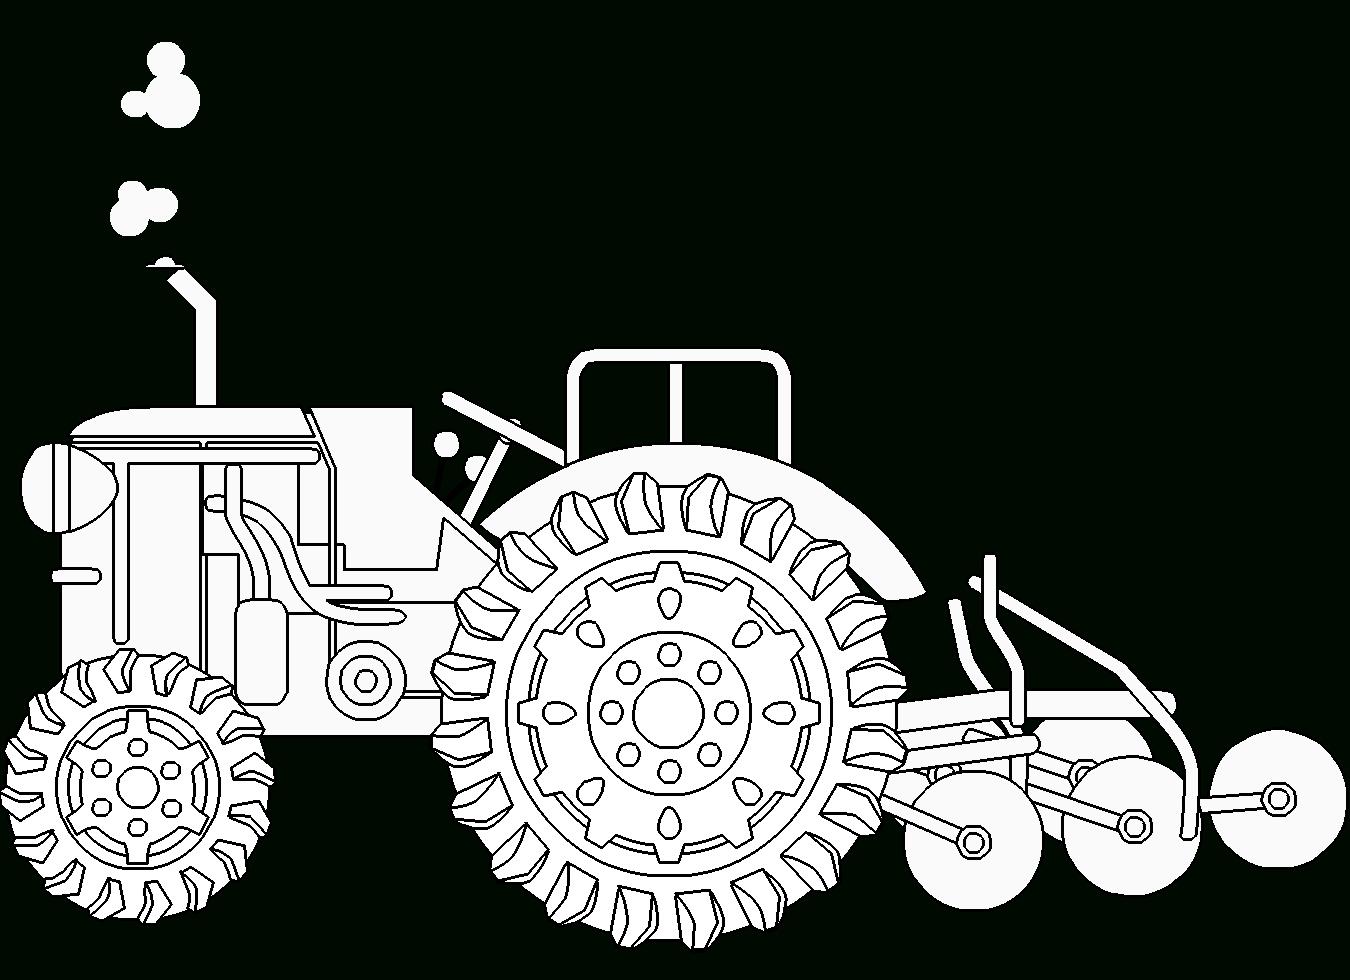 Frais Coloriage De Tracteur Fendt A Imprimer | Imprimer Et concernant Tracteur A Colorier